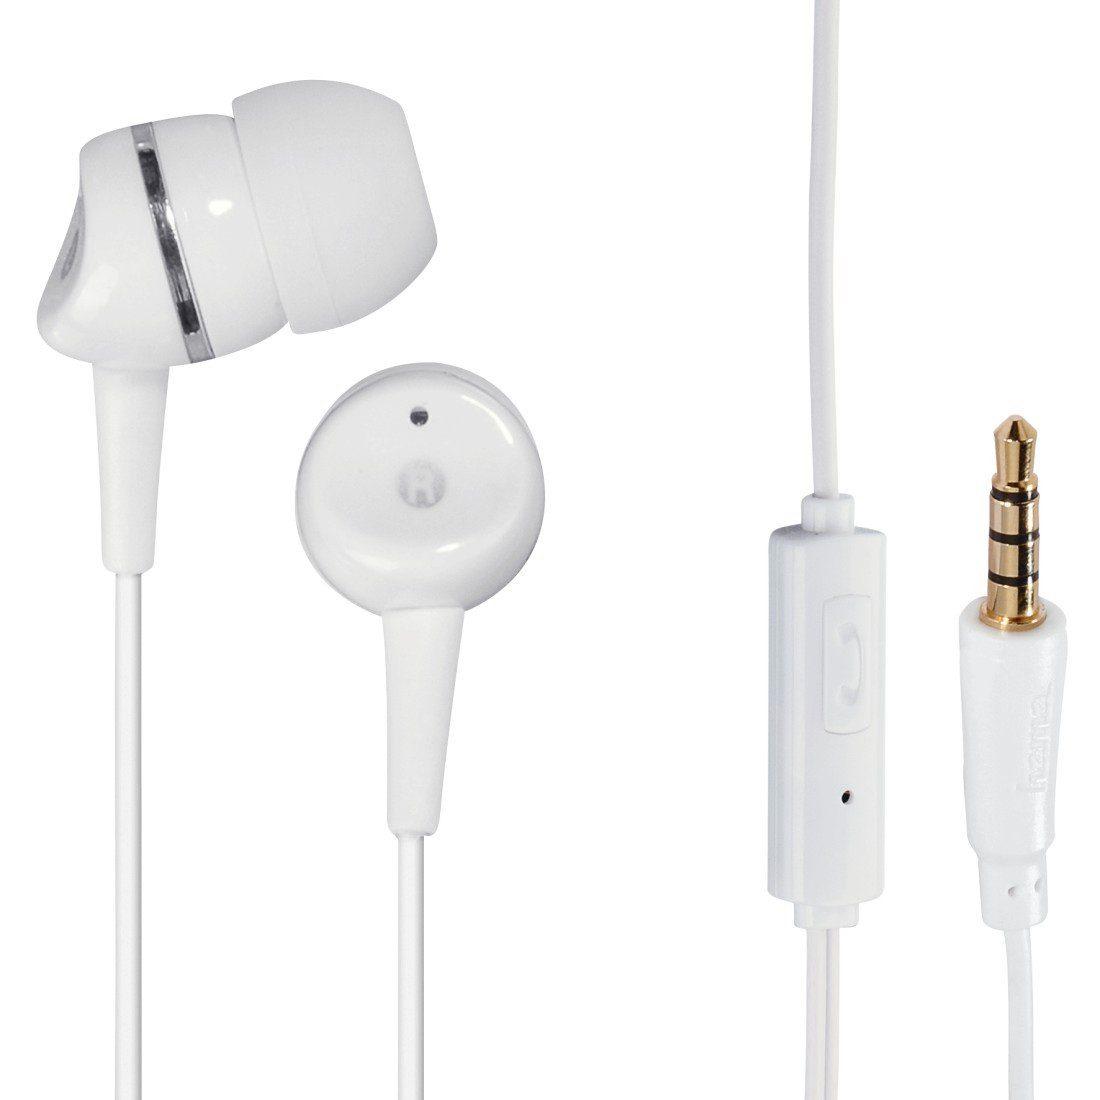 Hama In-Ear-Stereo-Ohrhörer Basic4Phone, Weiß